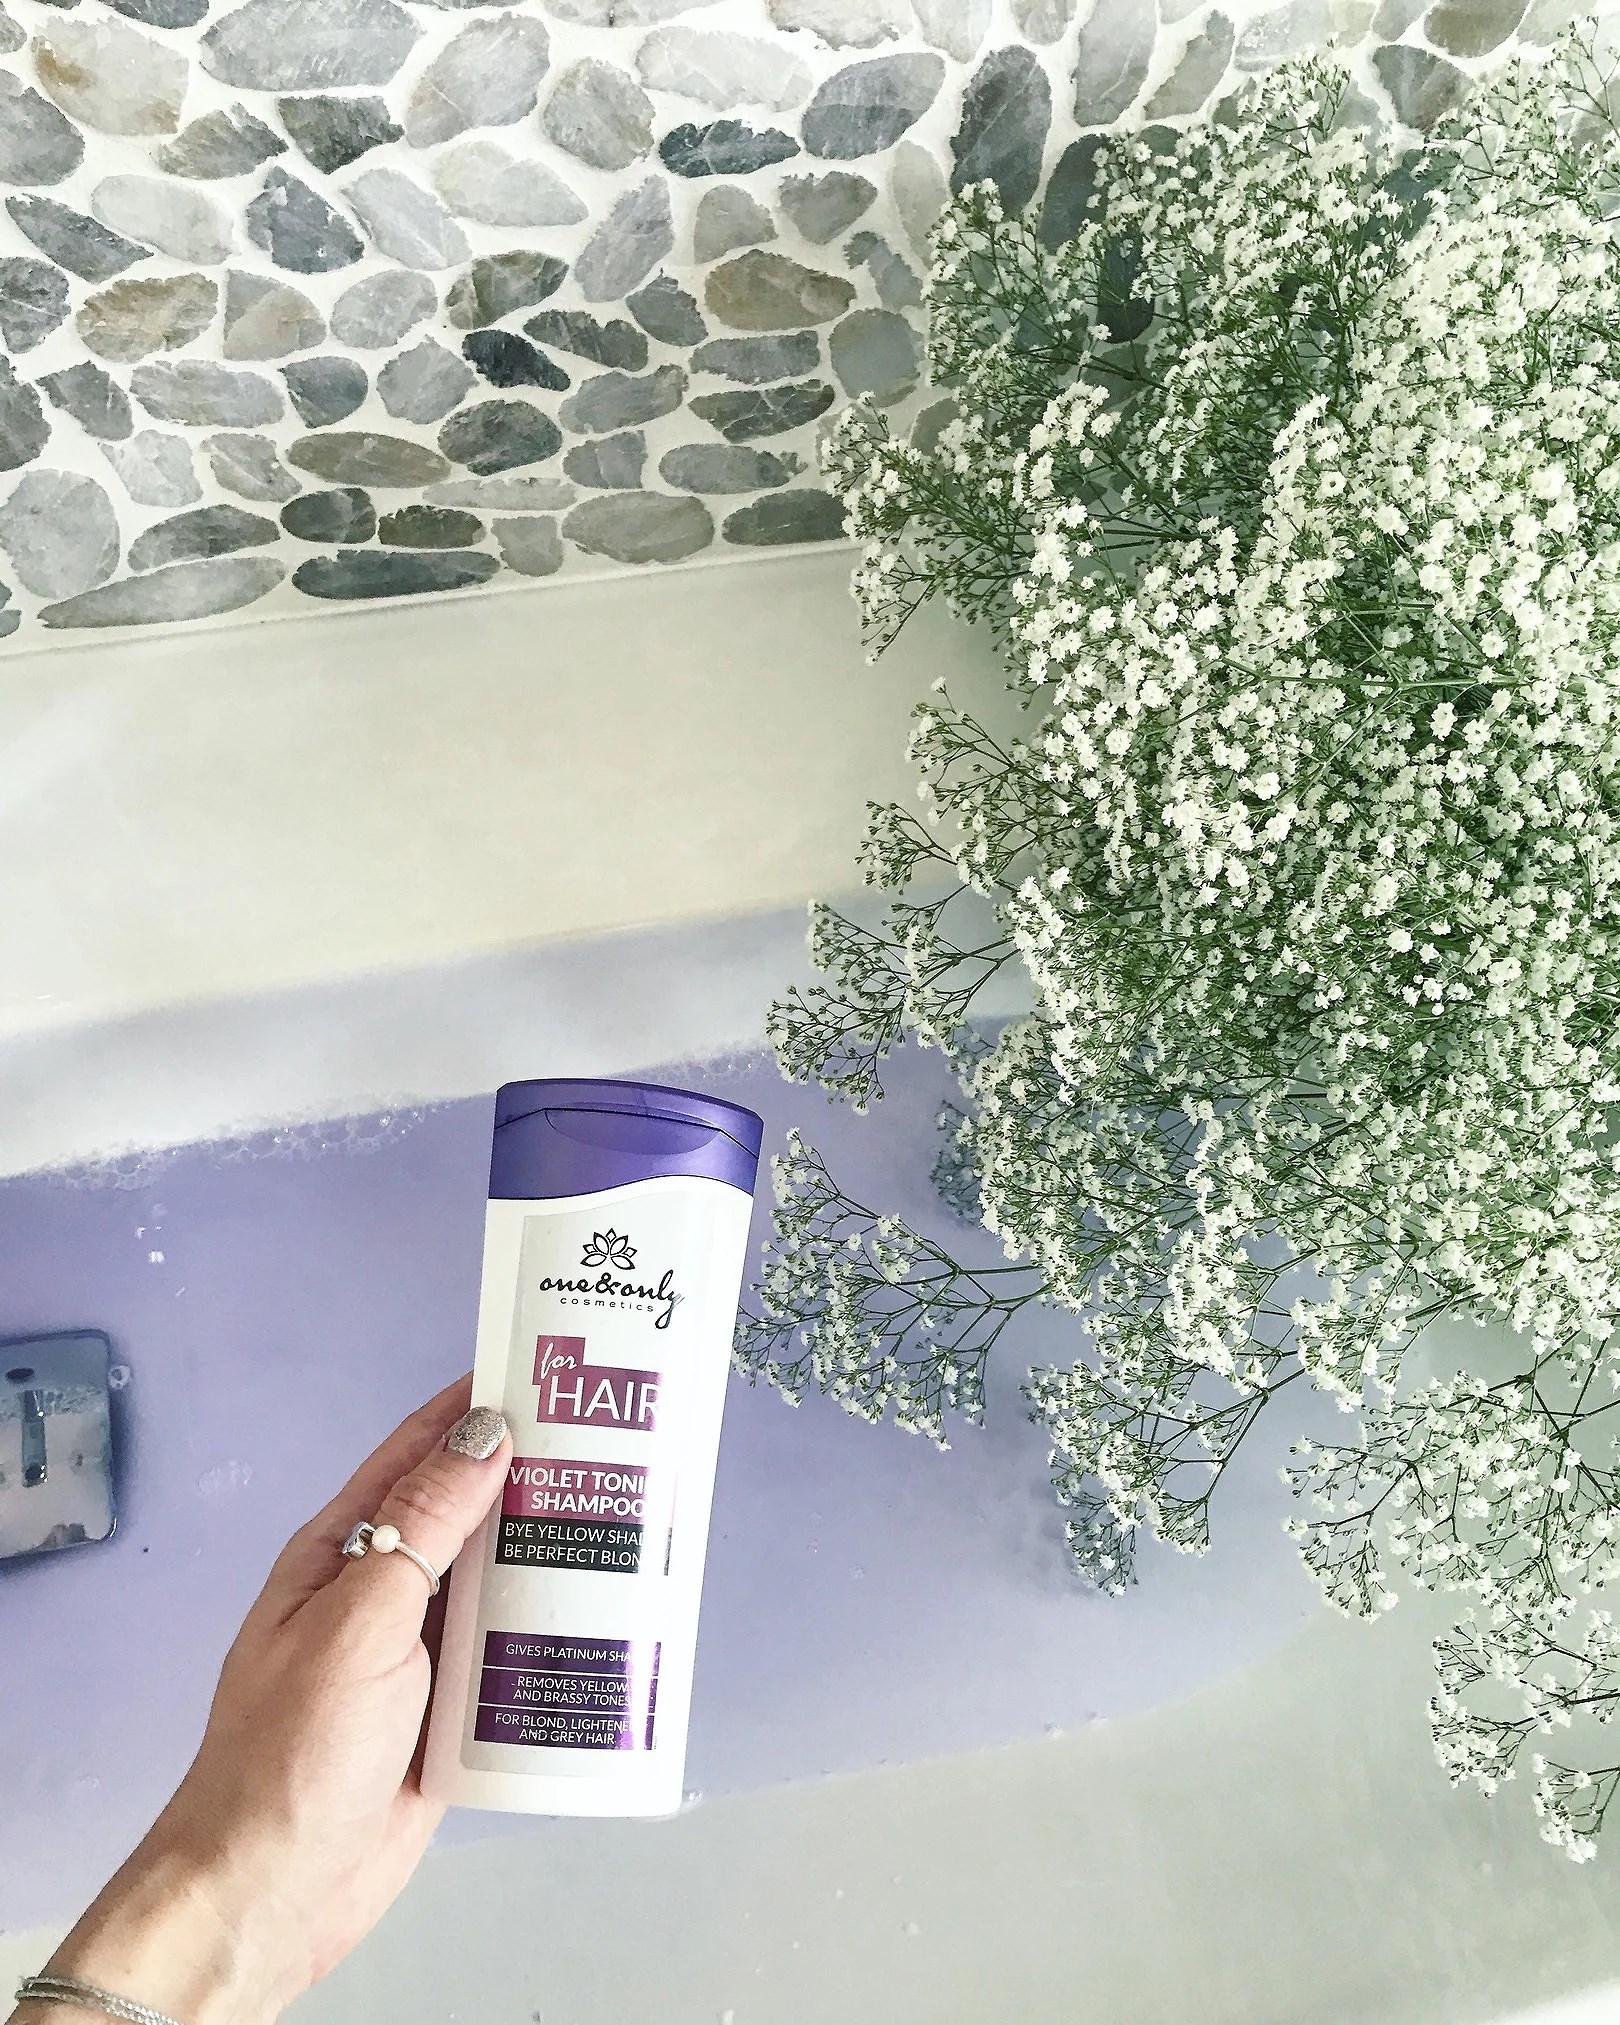 Fioletowy szampon do włosów BLOND